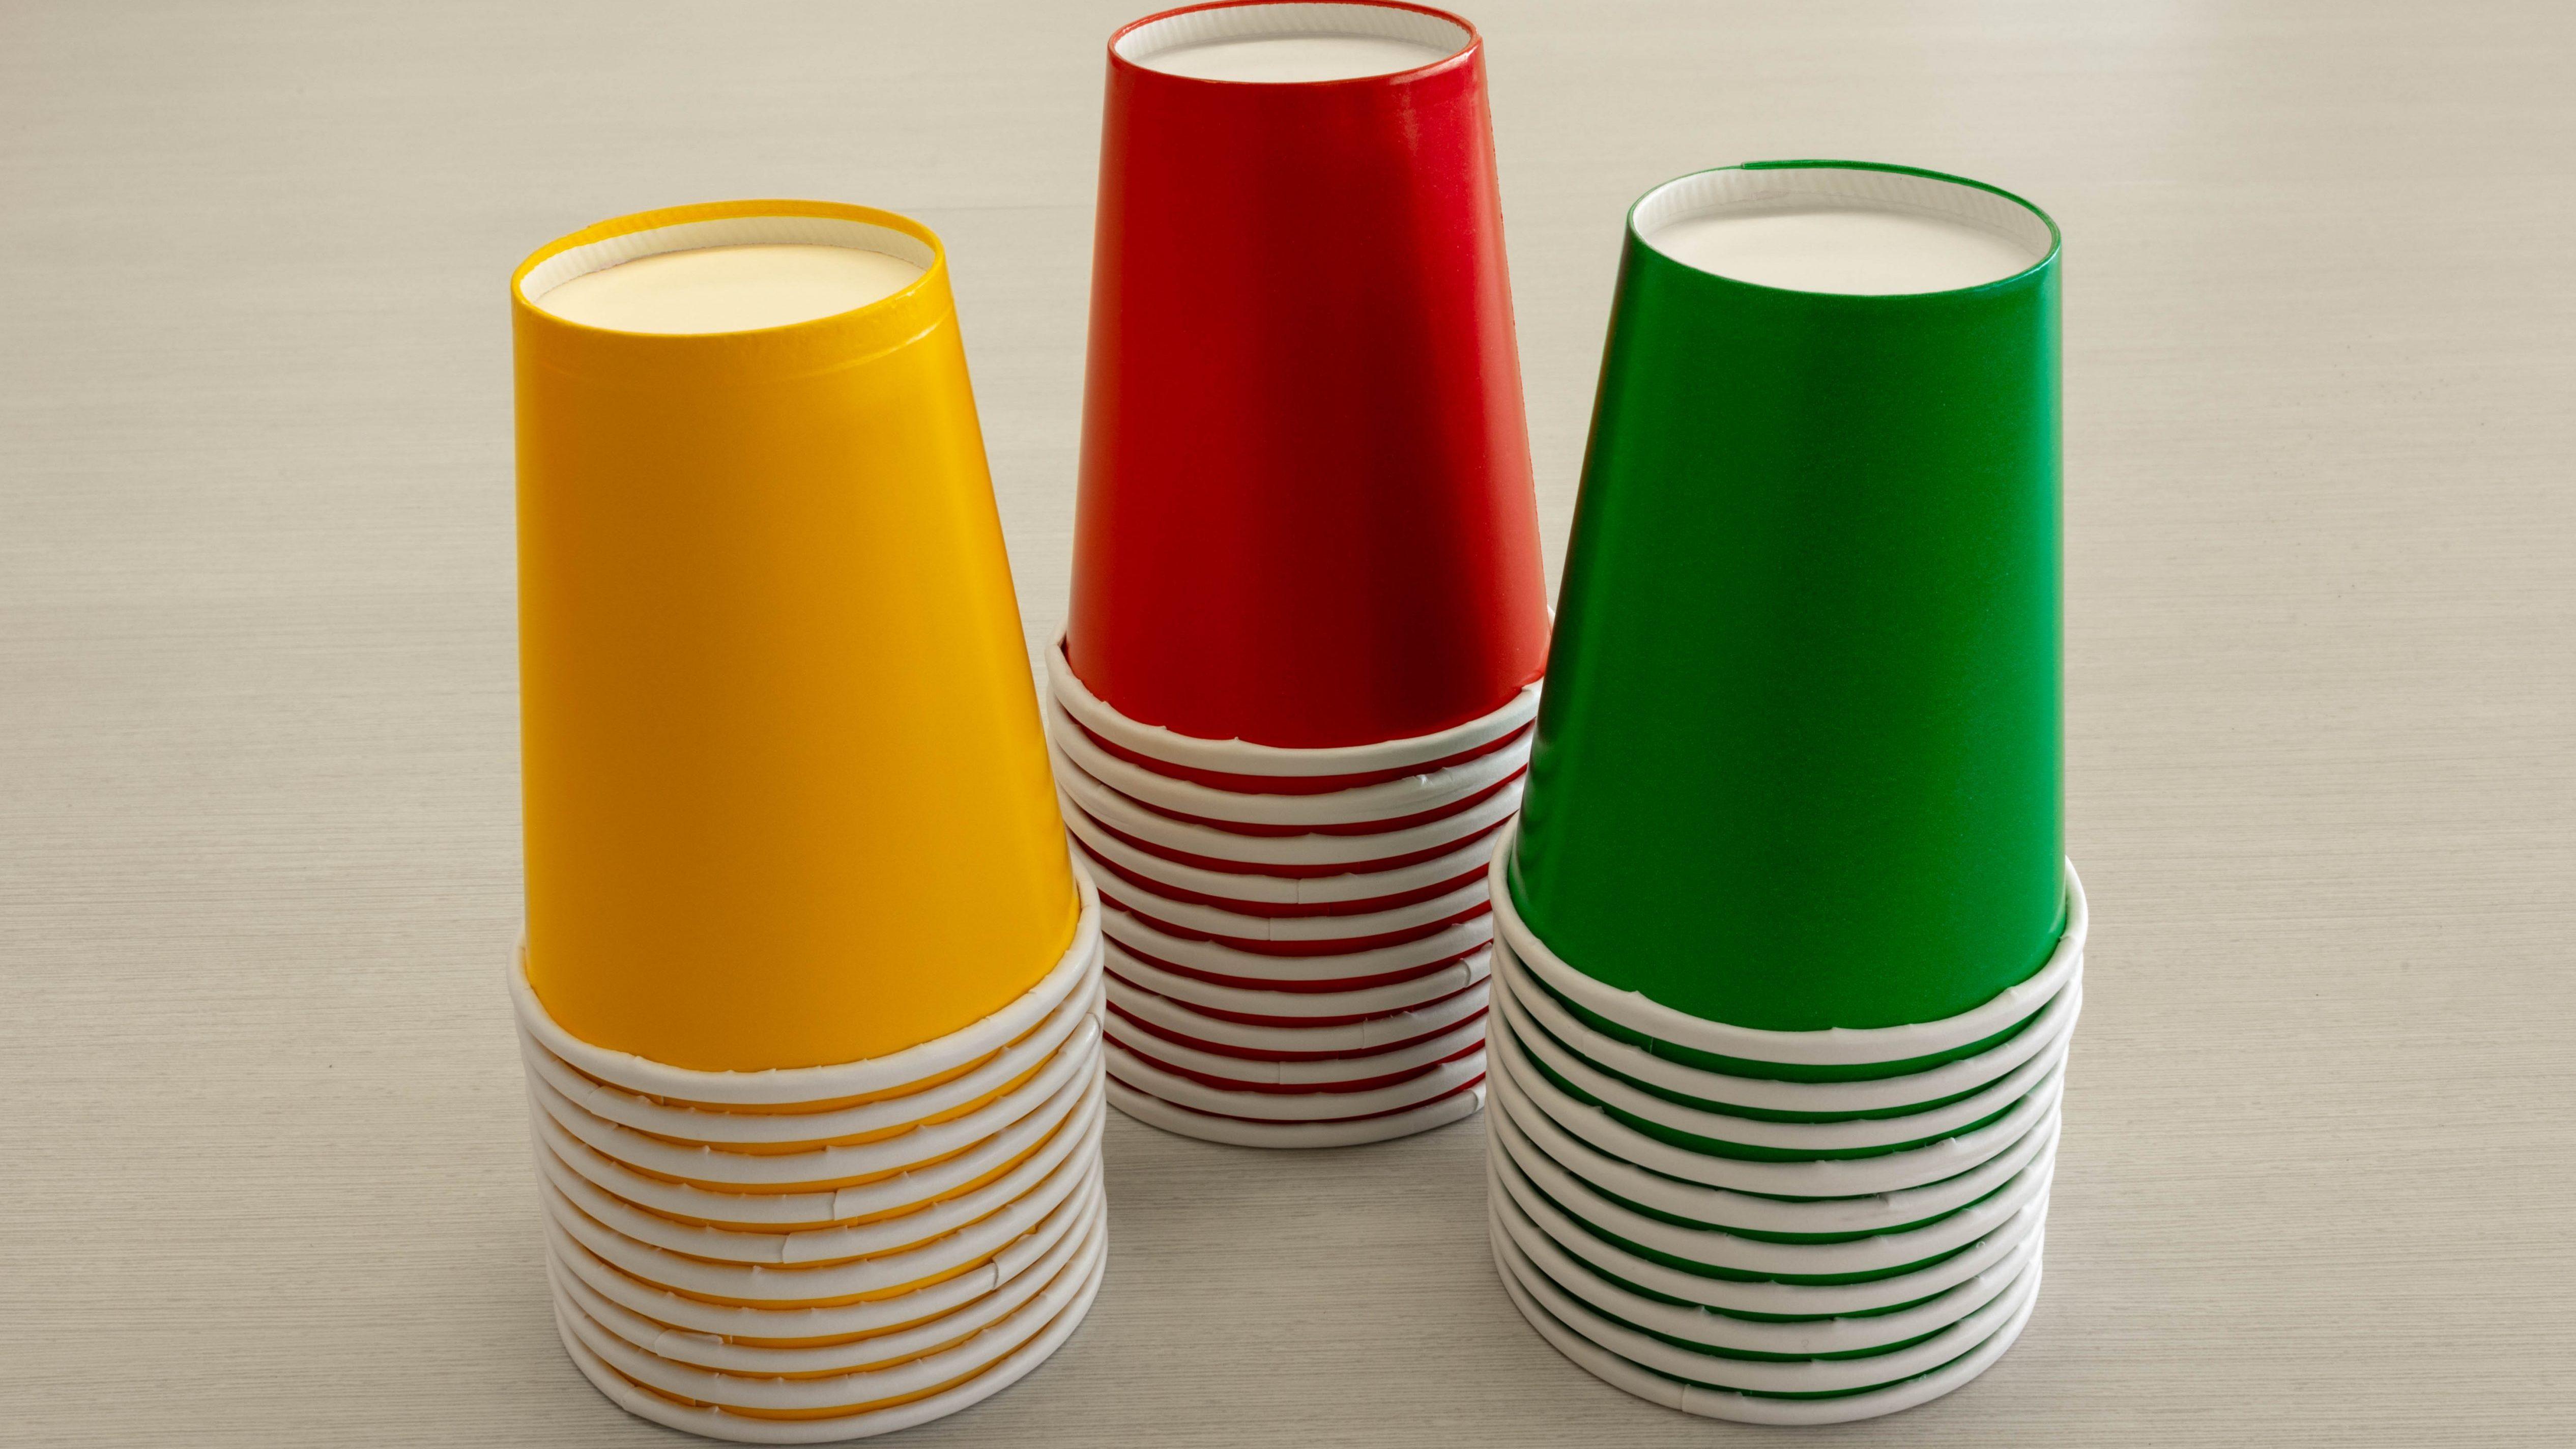 Verres vert, jaune et rouge. Ils permettent au professeur de repérer rapidement les équipes qui ont besoin d'aide.